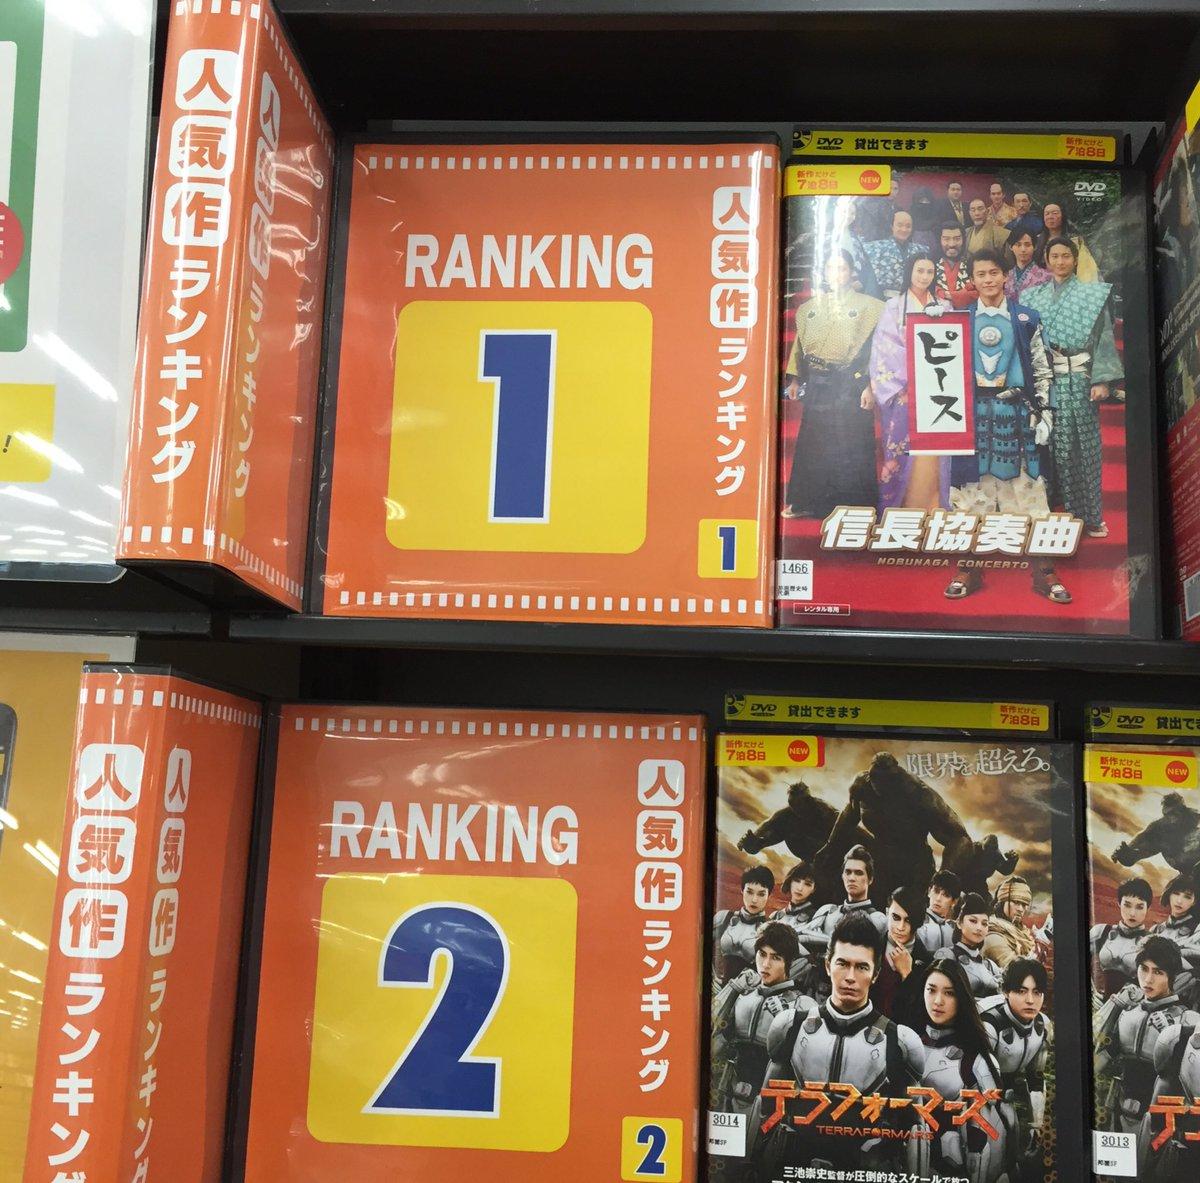 今日DVD借りに行ったら1番人気が信長協奏曲で2番人気がテラフォーマーズやった😍😍😍😍すごくない?2作品とも小栗旬出てる